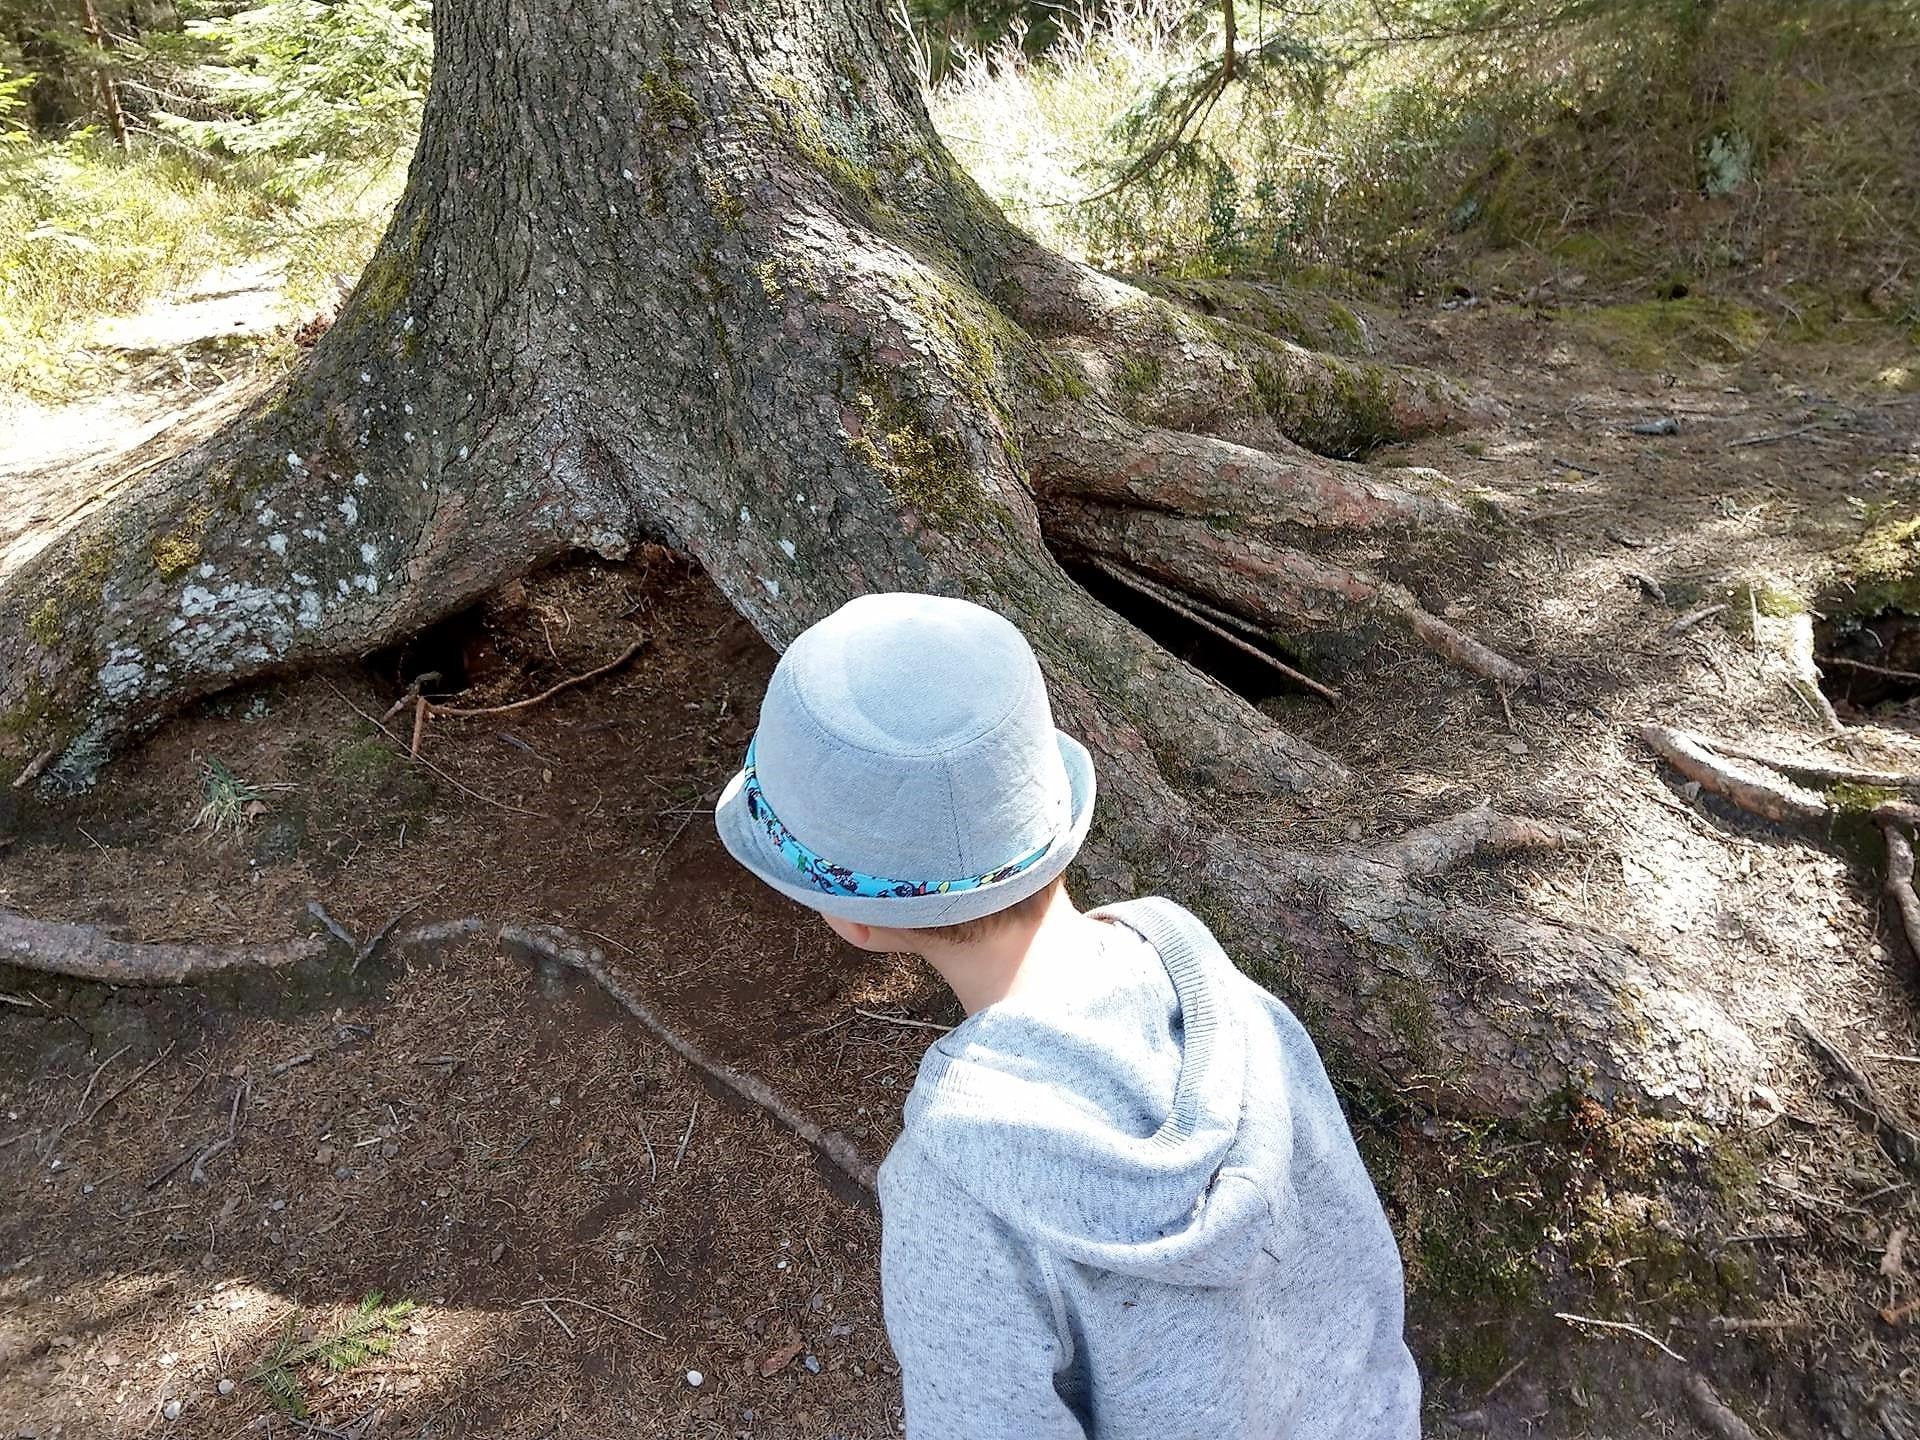 Beim Rundgang um den Hopfensee gibt es einiges zu entdecken. Wohnt da ein Zwerg? Warum ist ein Loch unter den Wurzeln?